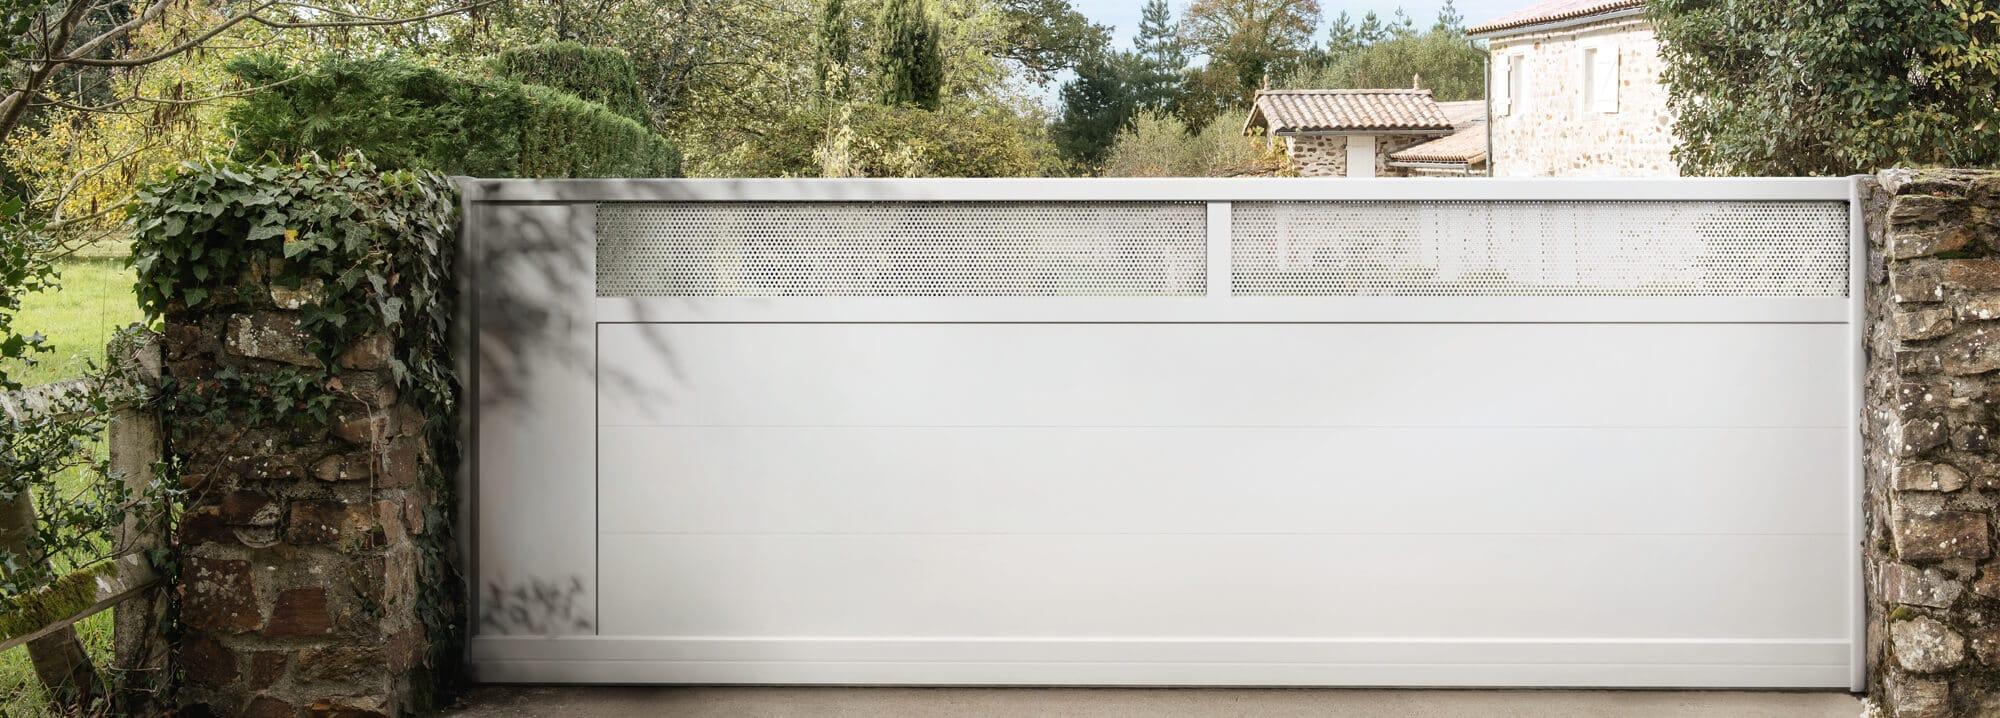 charuel fabricant de portails et cl tures depuis plus de 35 ans. Black Bedroom Furniture Sets. Home Design Ideas